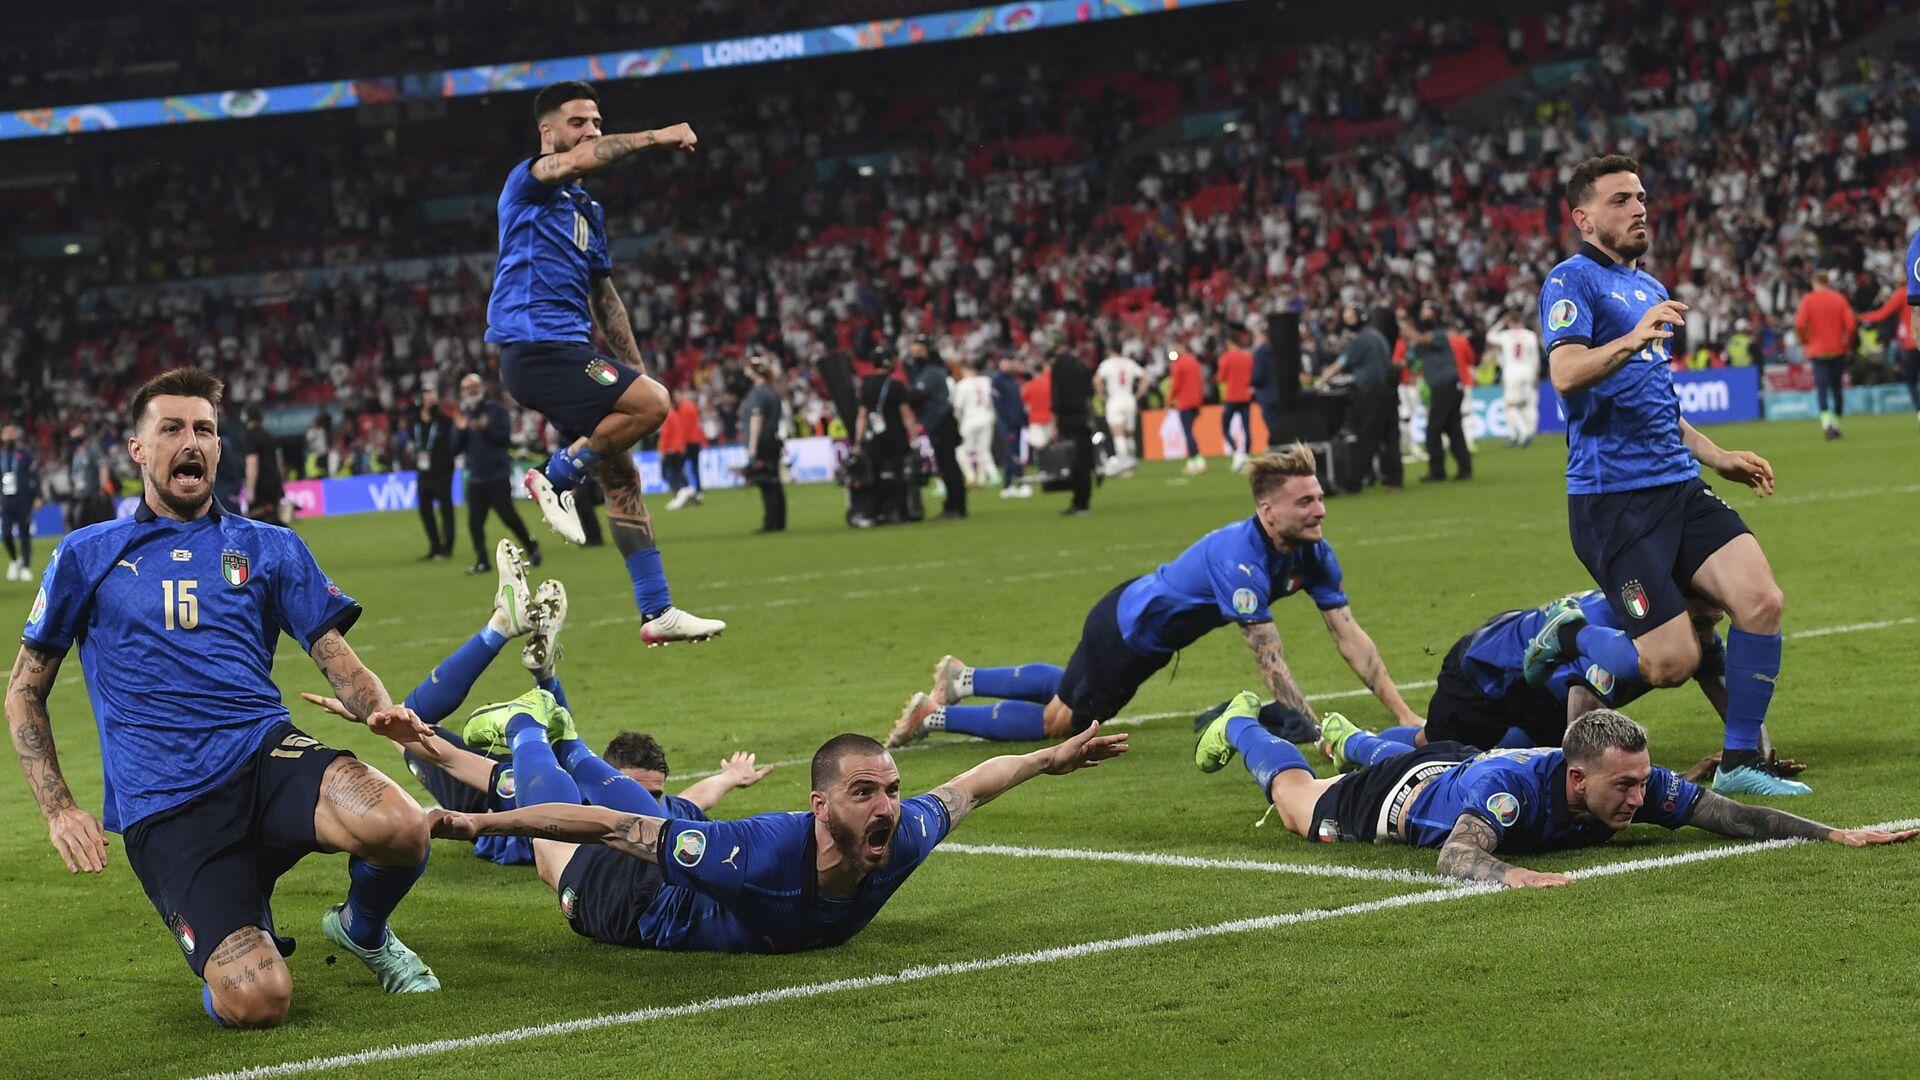 Игроки сборной Италии празднуют окончание финального матча Евро-2020  - Sputnik Italia, 1920, 17.07.2021